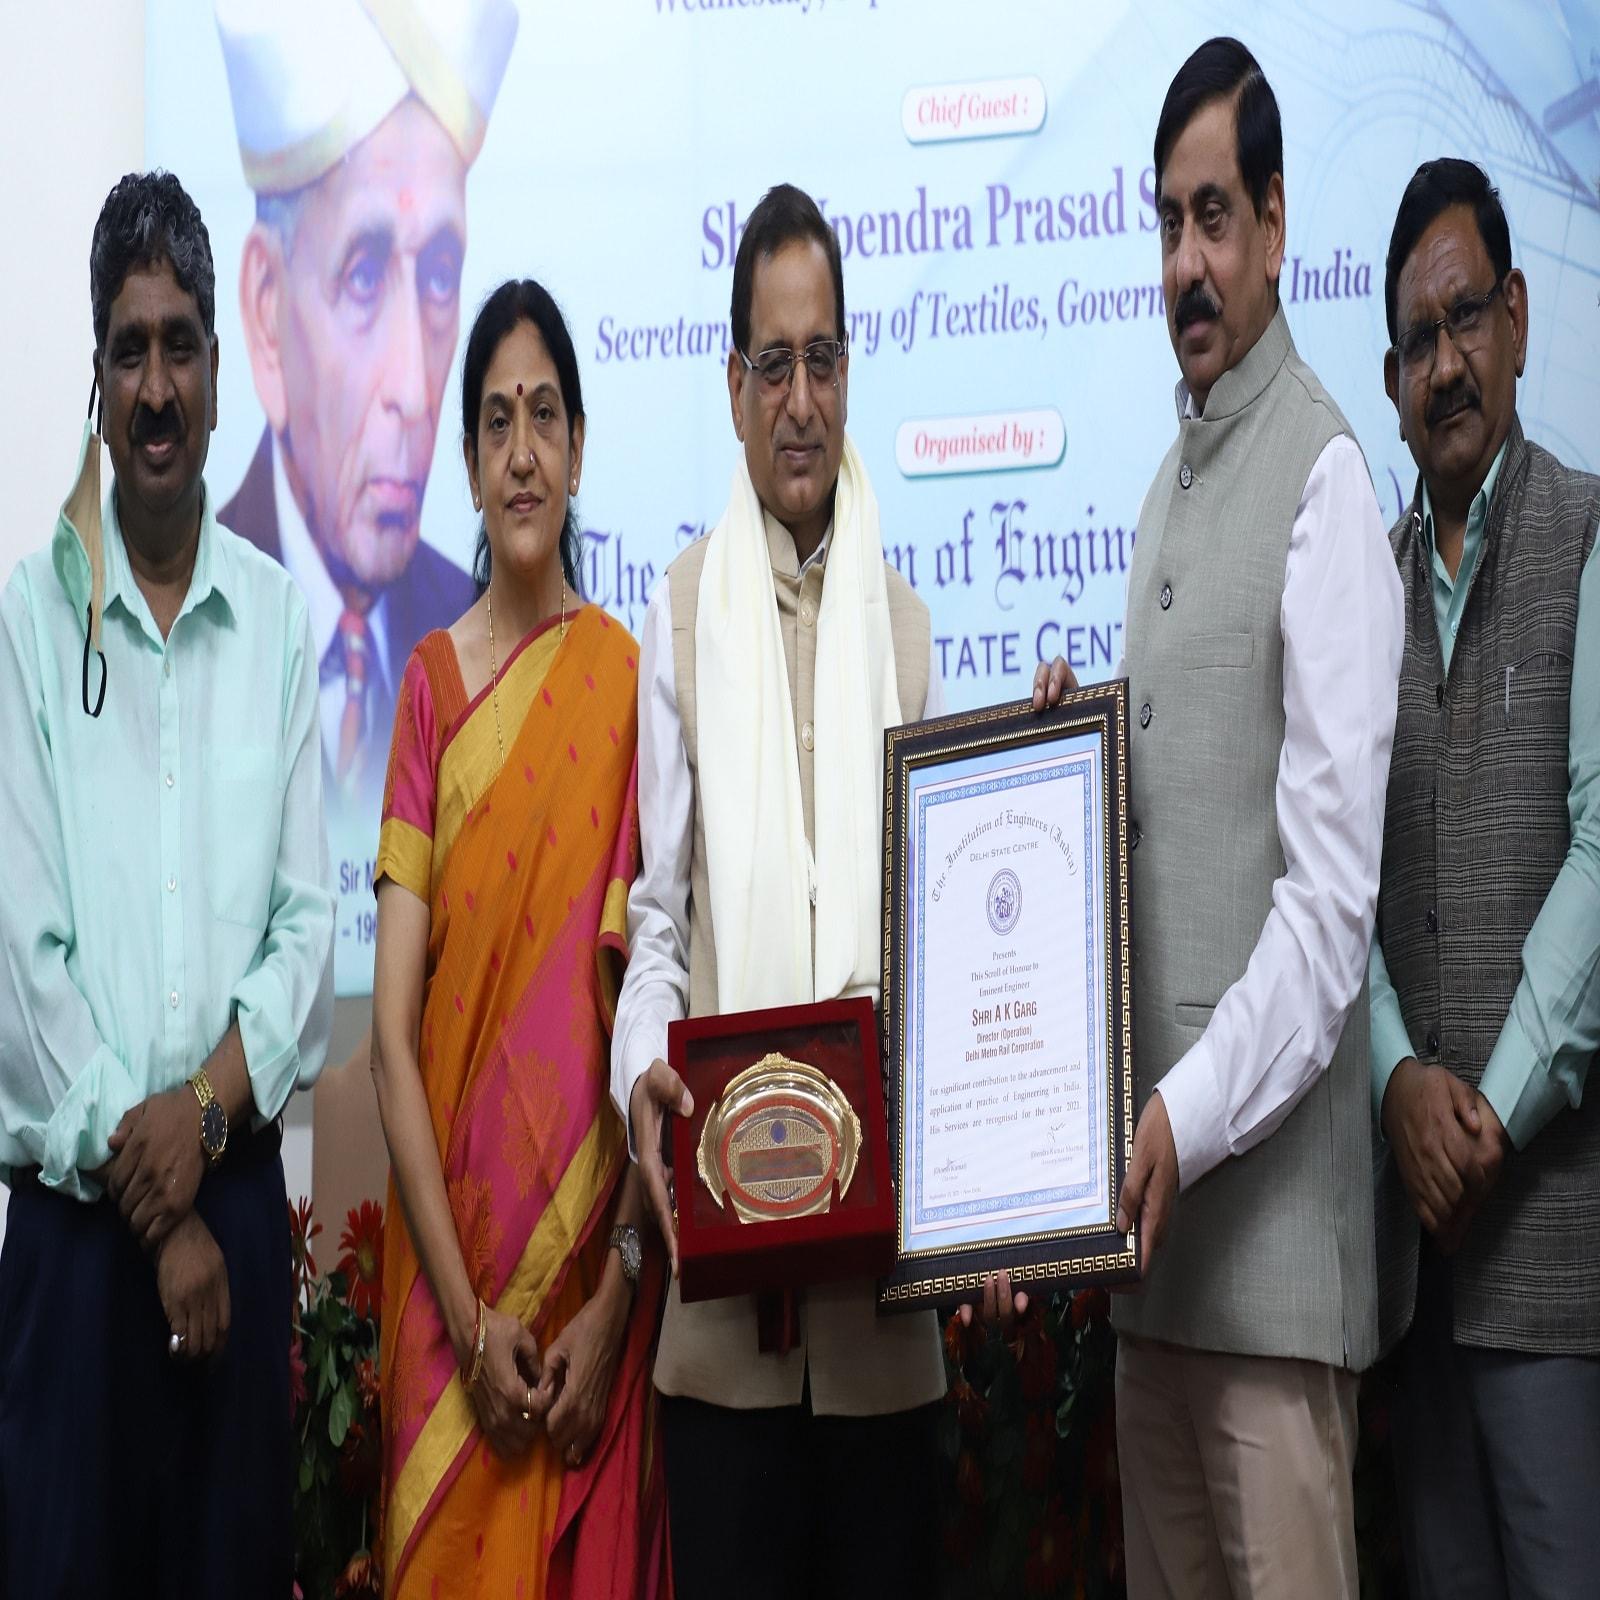 इंजीनियर्स दिवस पर DMCR के निदेशक A.K. Garg को 'प्रतिष्ठित इंजीनियर्स' पुरस्कार से सम्मानित किया गया. दिल्ली मेट्रो रेल निगम, डीएमआरसी, इंस्टीट्यूशन ऑफ इंजीनियर्स, इंजीनियर्स भवन , DMRC, Engineers day, Institution of Engineers,Eminent Engineers, CPWD,IRSEE